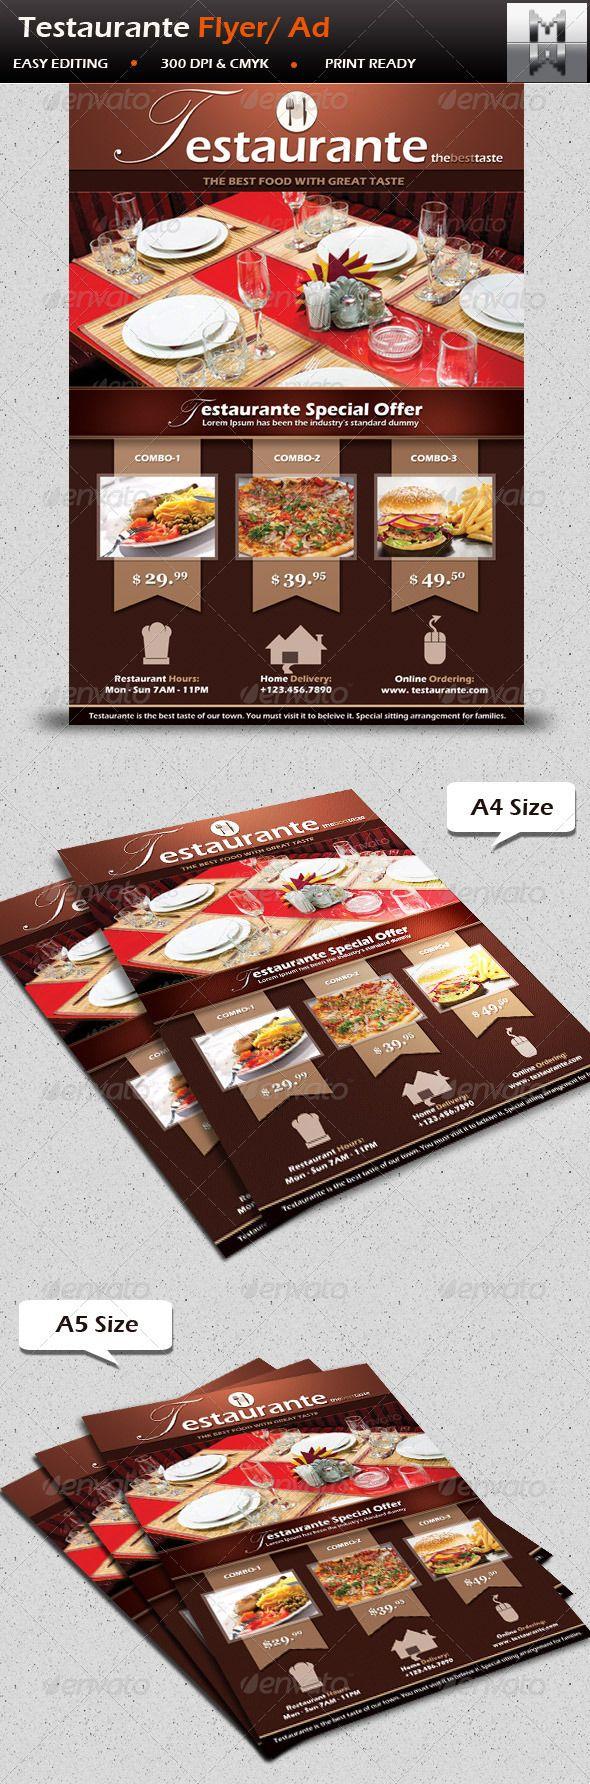 17 best images about flyers restaurant nightclub testaurante restaurant menu offer flyer